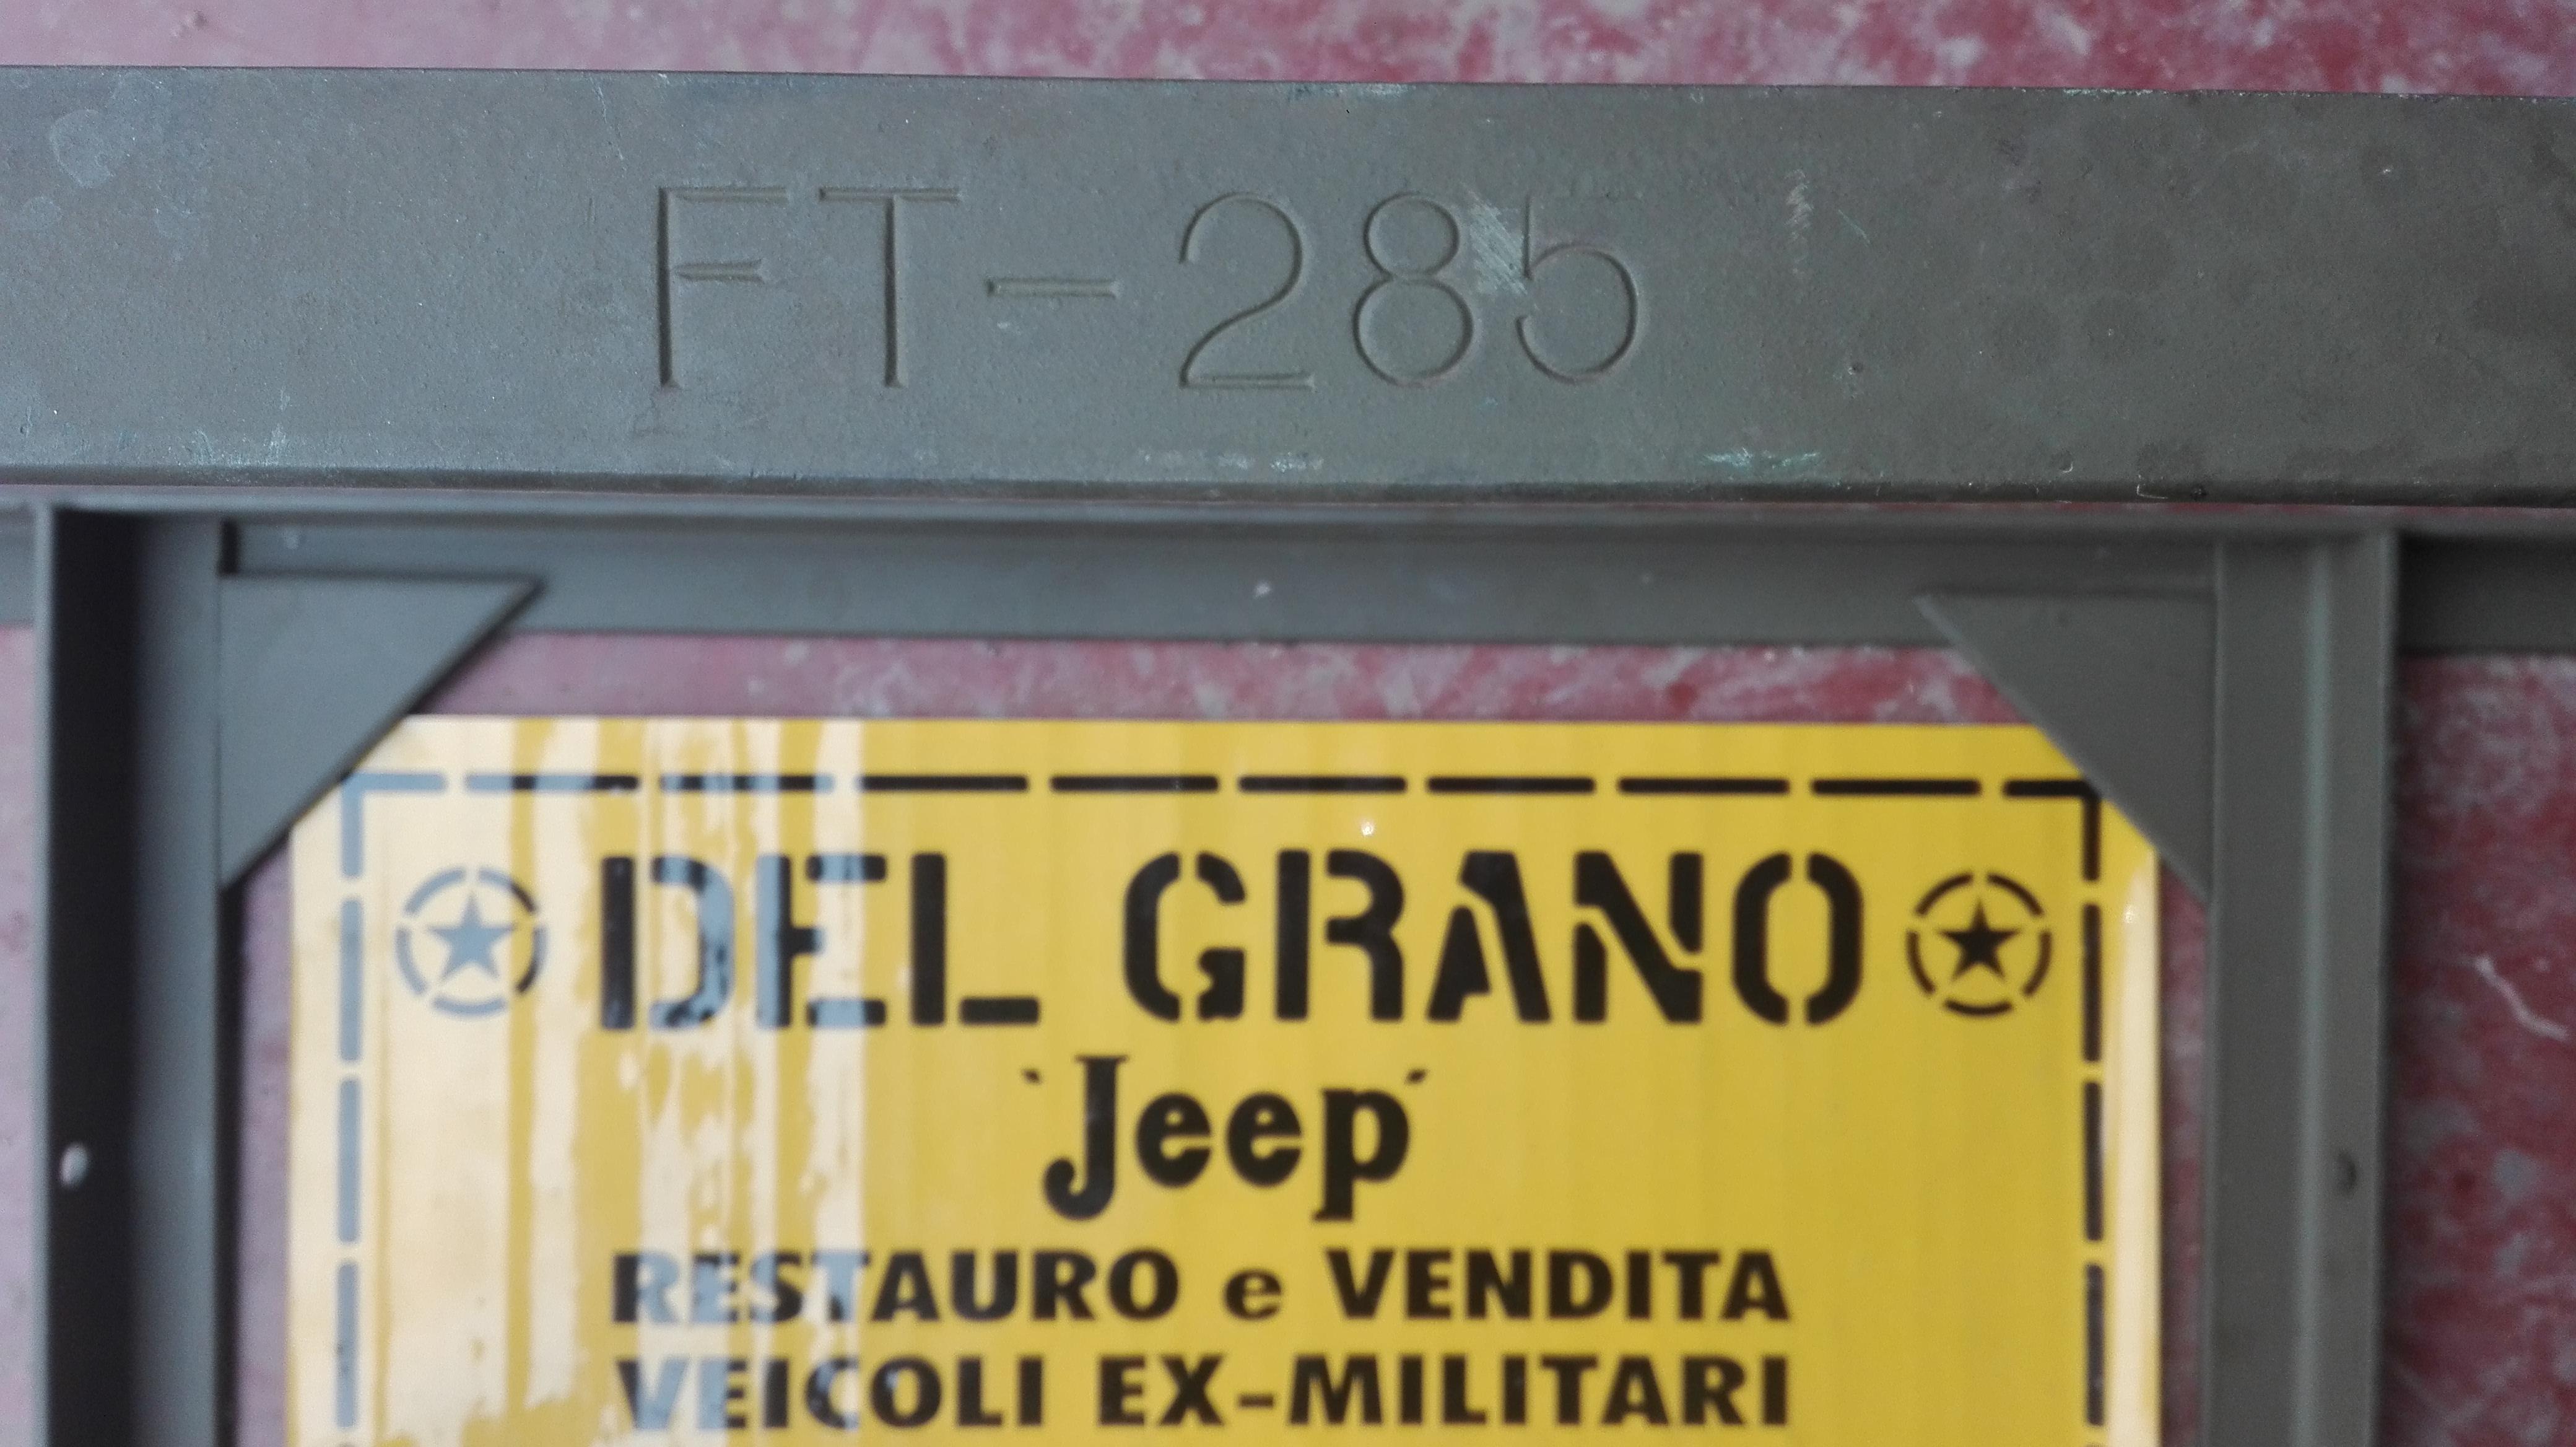 Vehicles' Spare parts For Sale – Del Grano Jeep